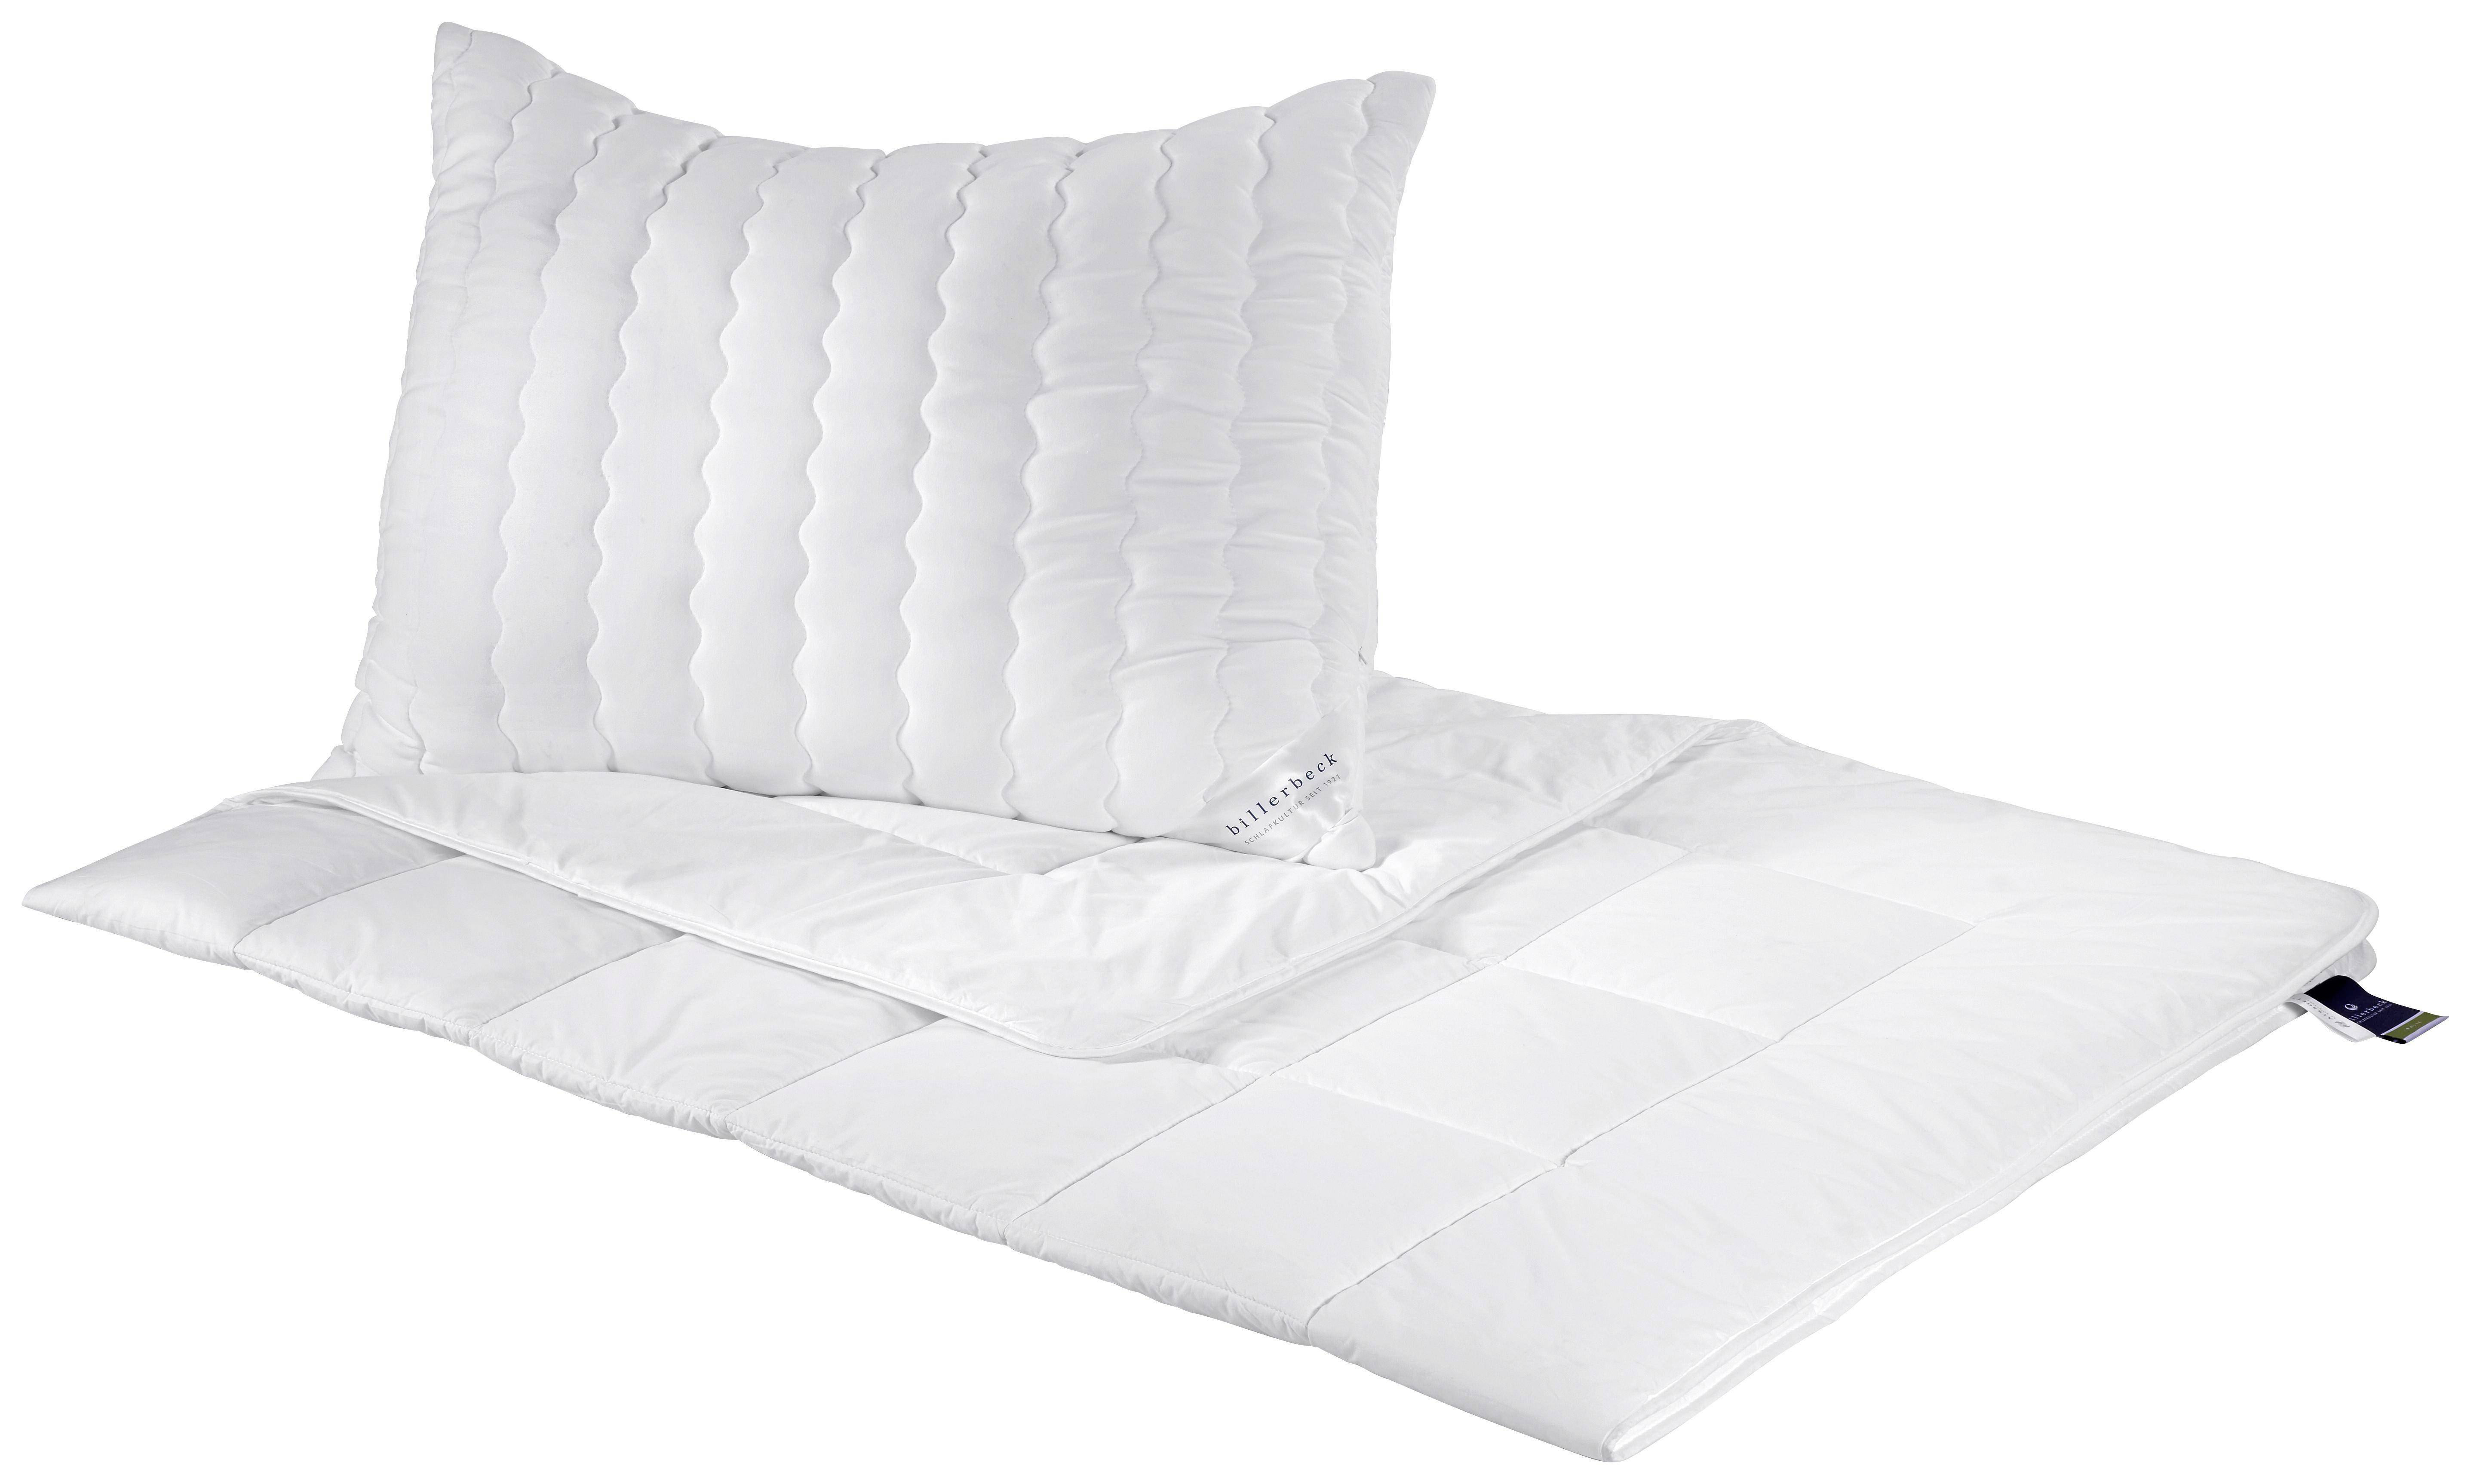 CELOLETNA PREŠITA ODEJA 520 - bela, Basics, tekstil (135-140/200cm) - BILLERBECK